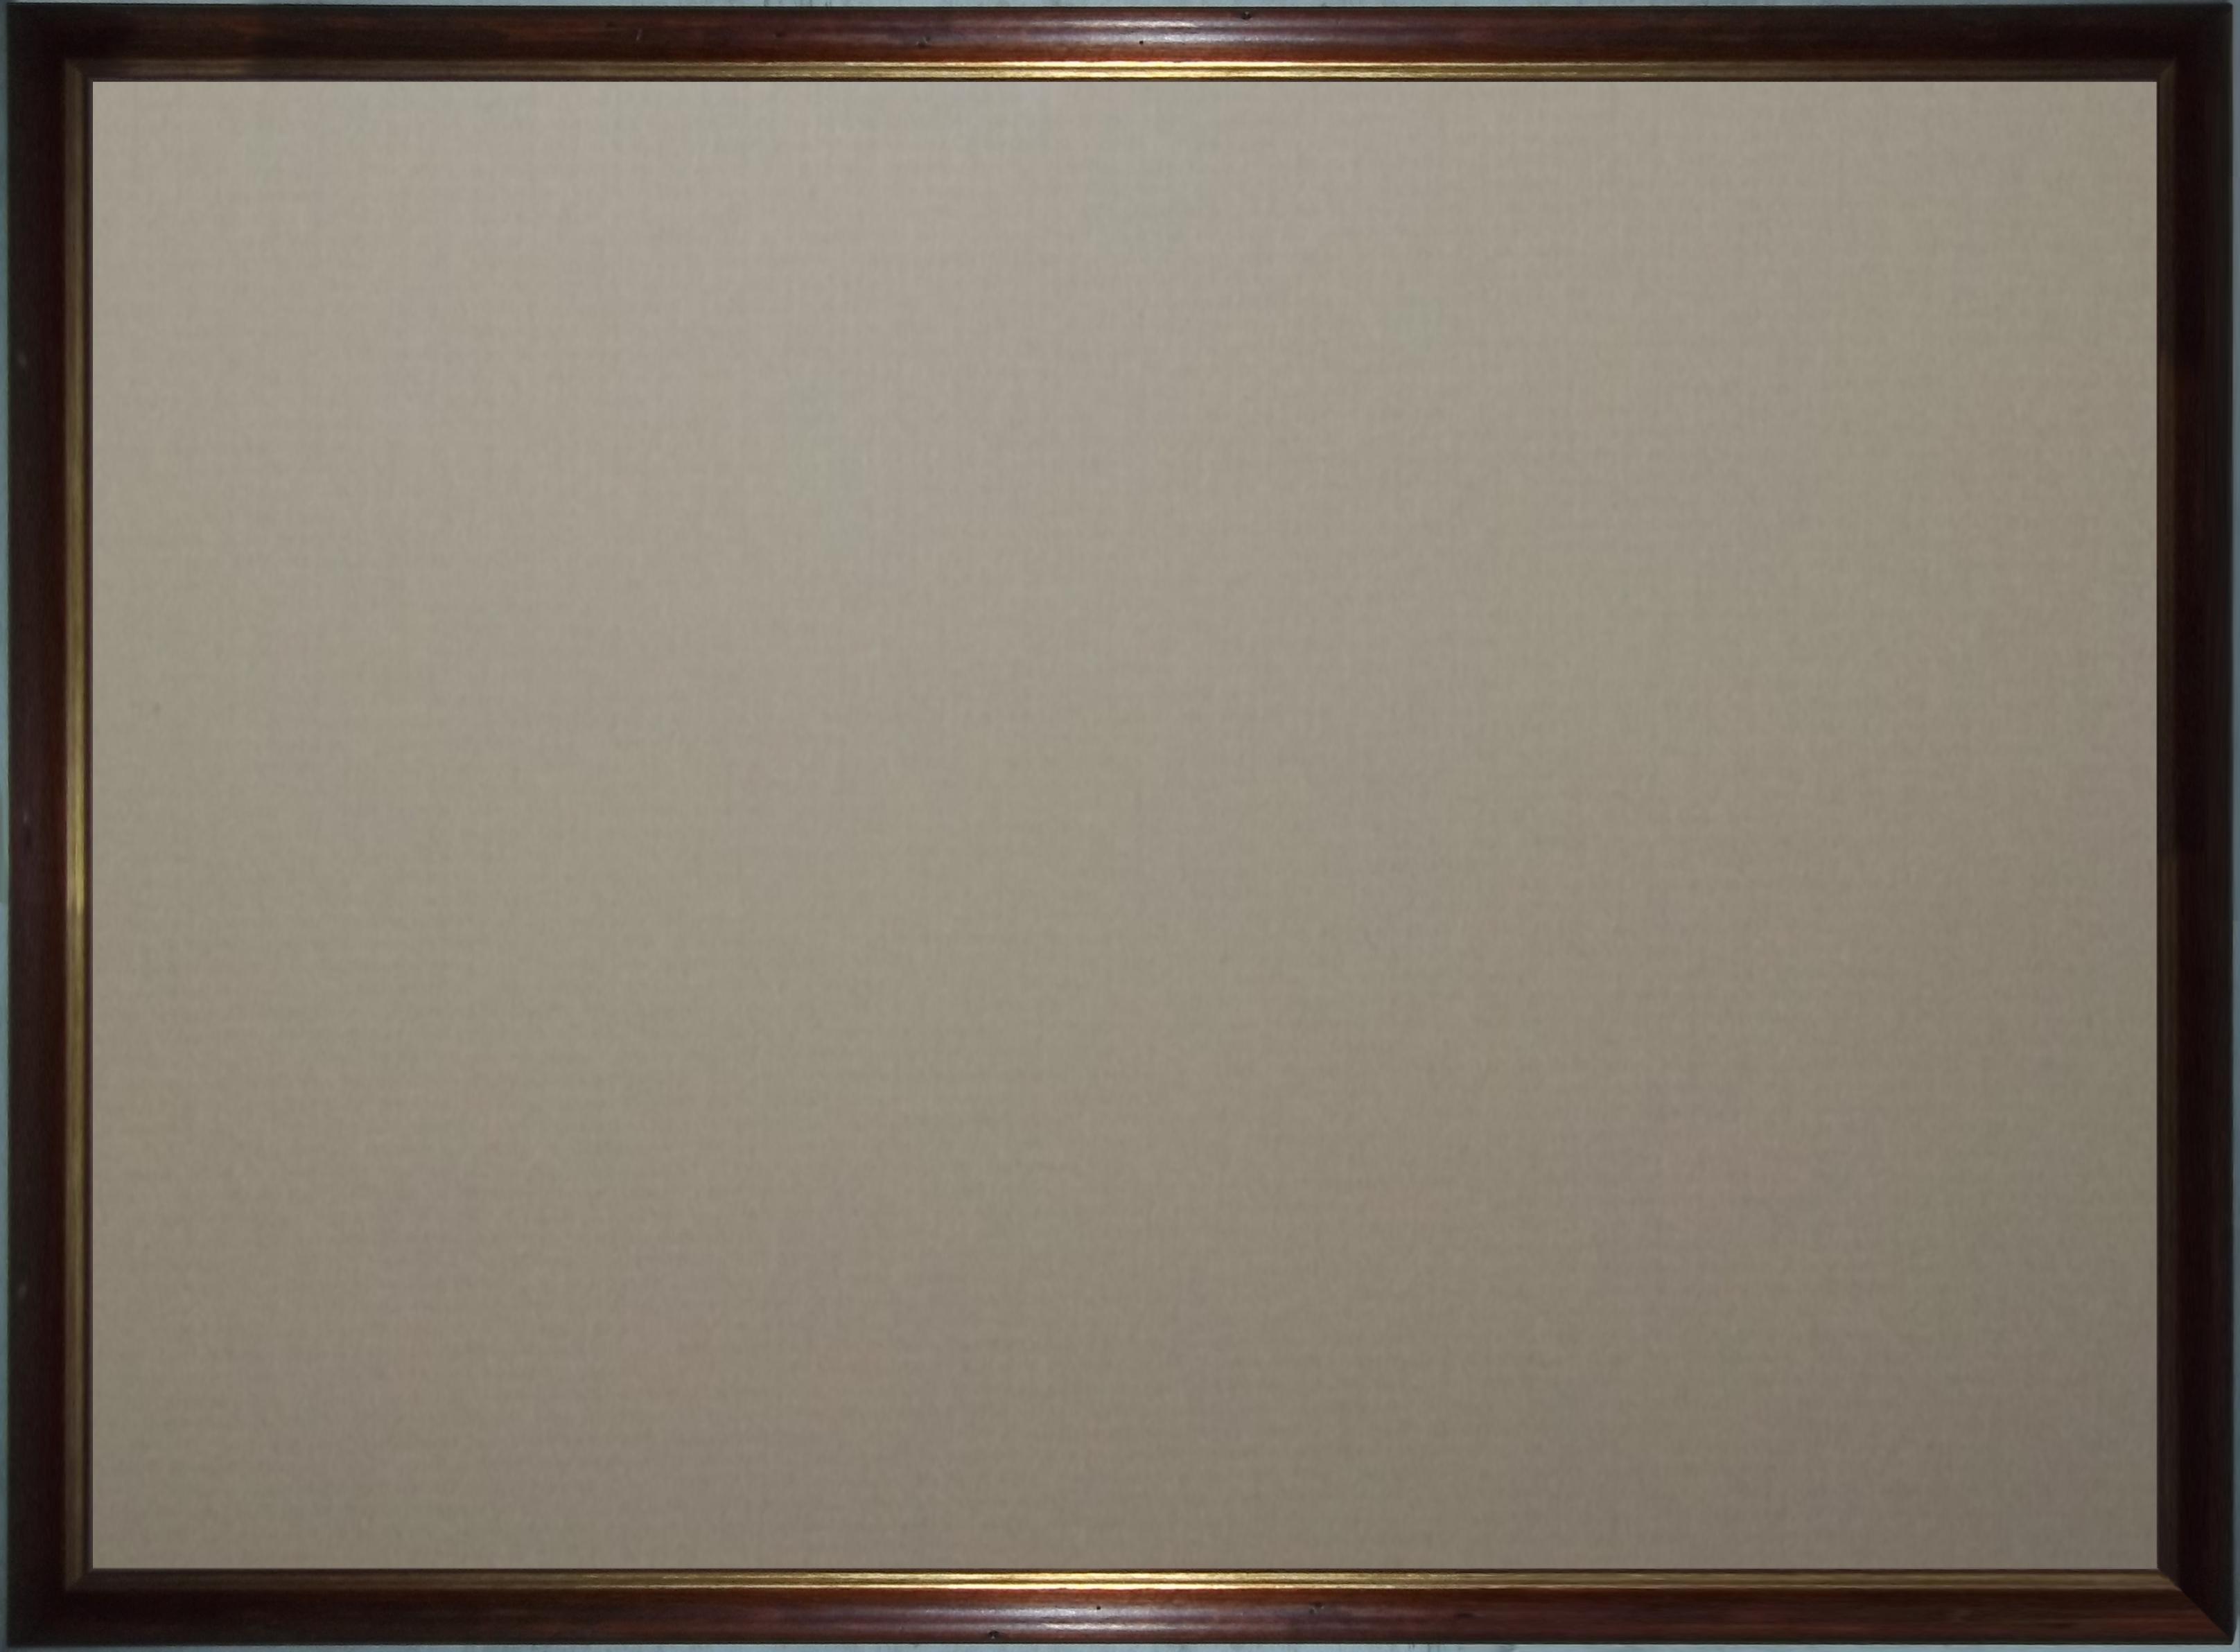 filemuseo ebraico fausto levi di soragna empty framejpg - Empty Frame